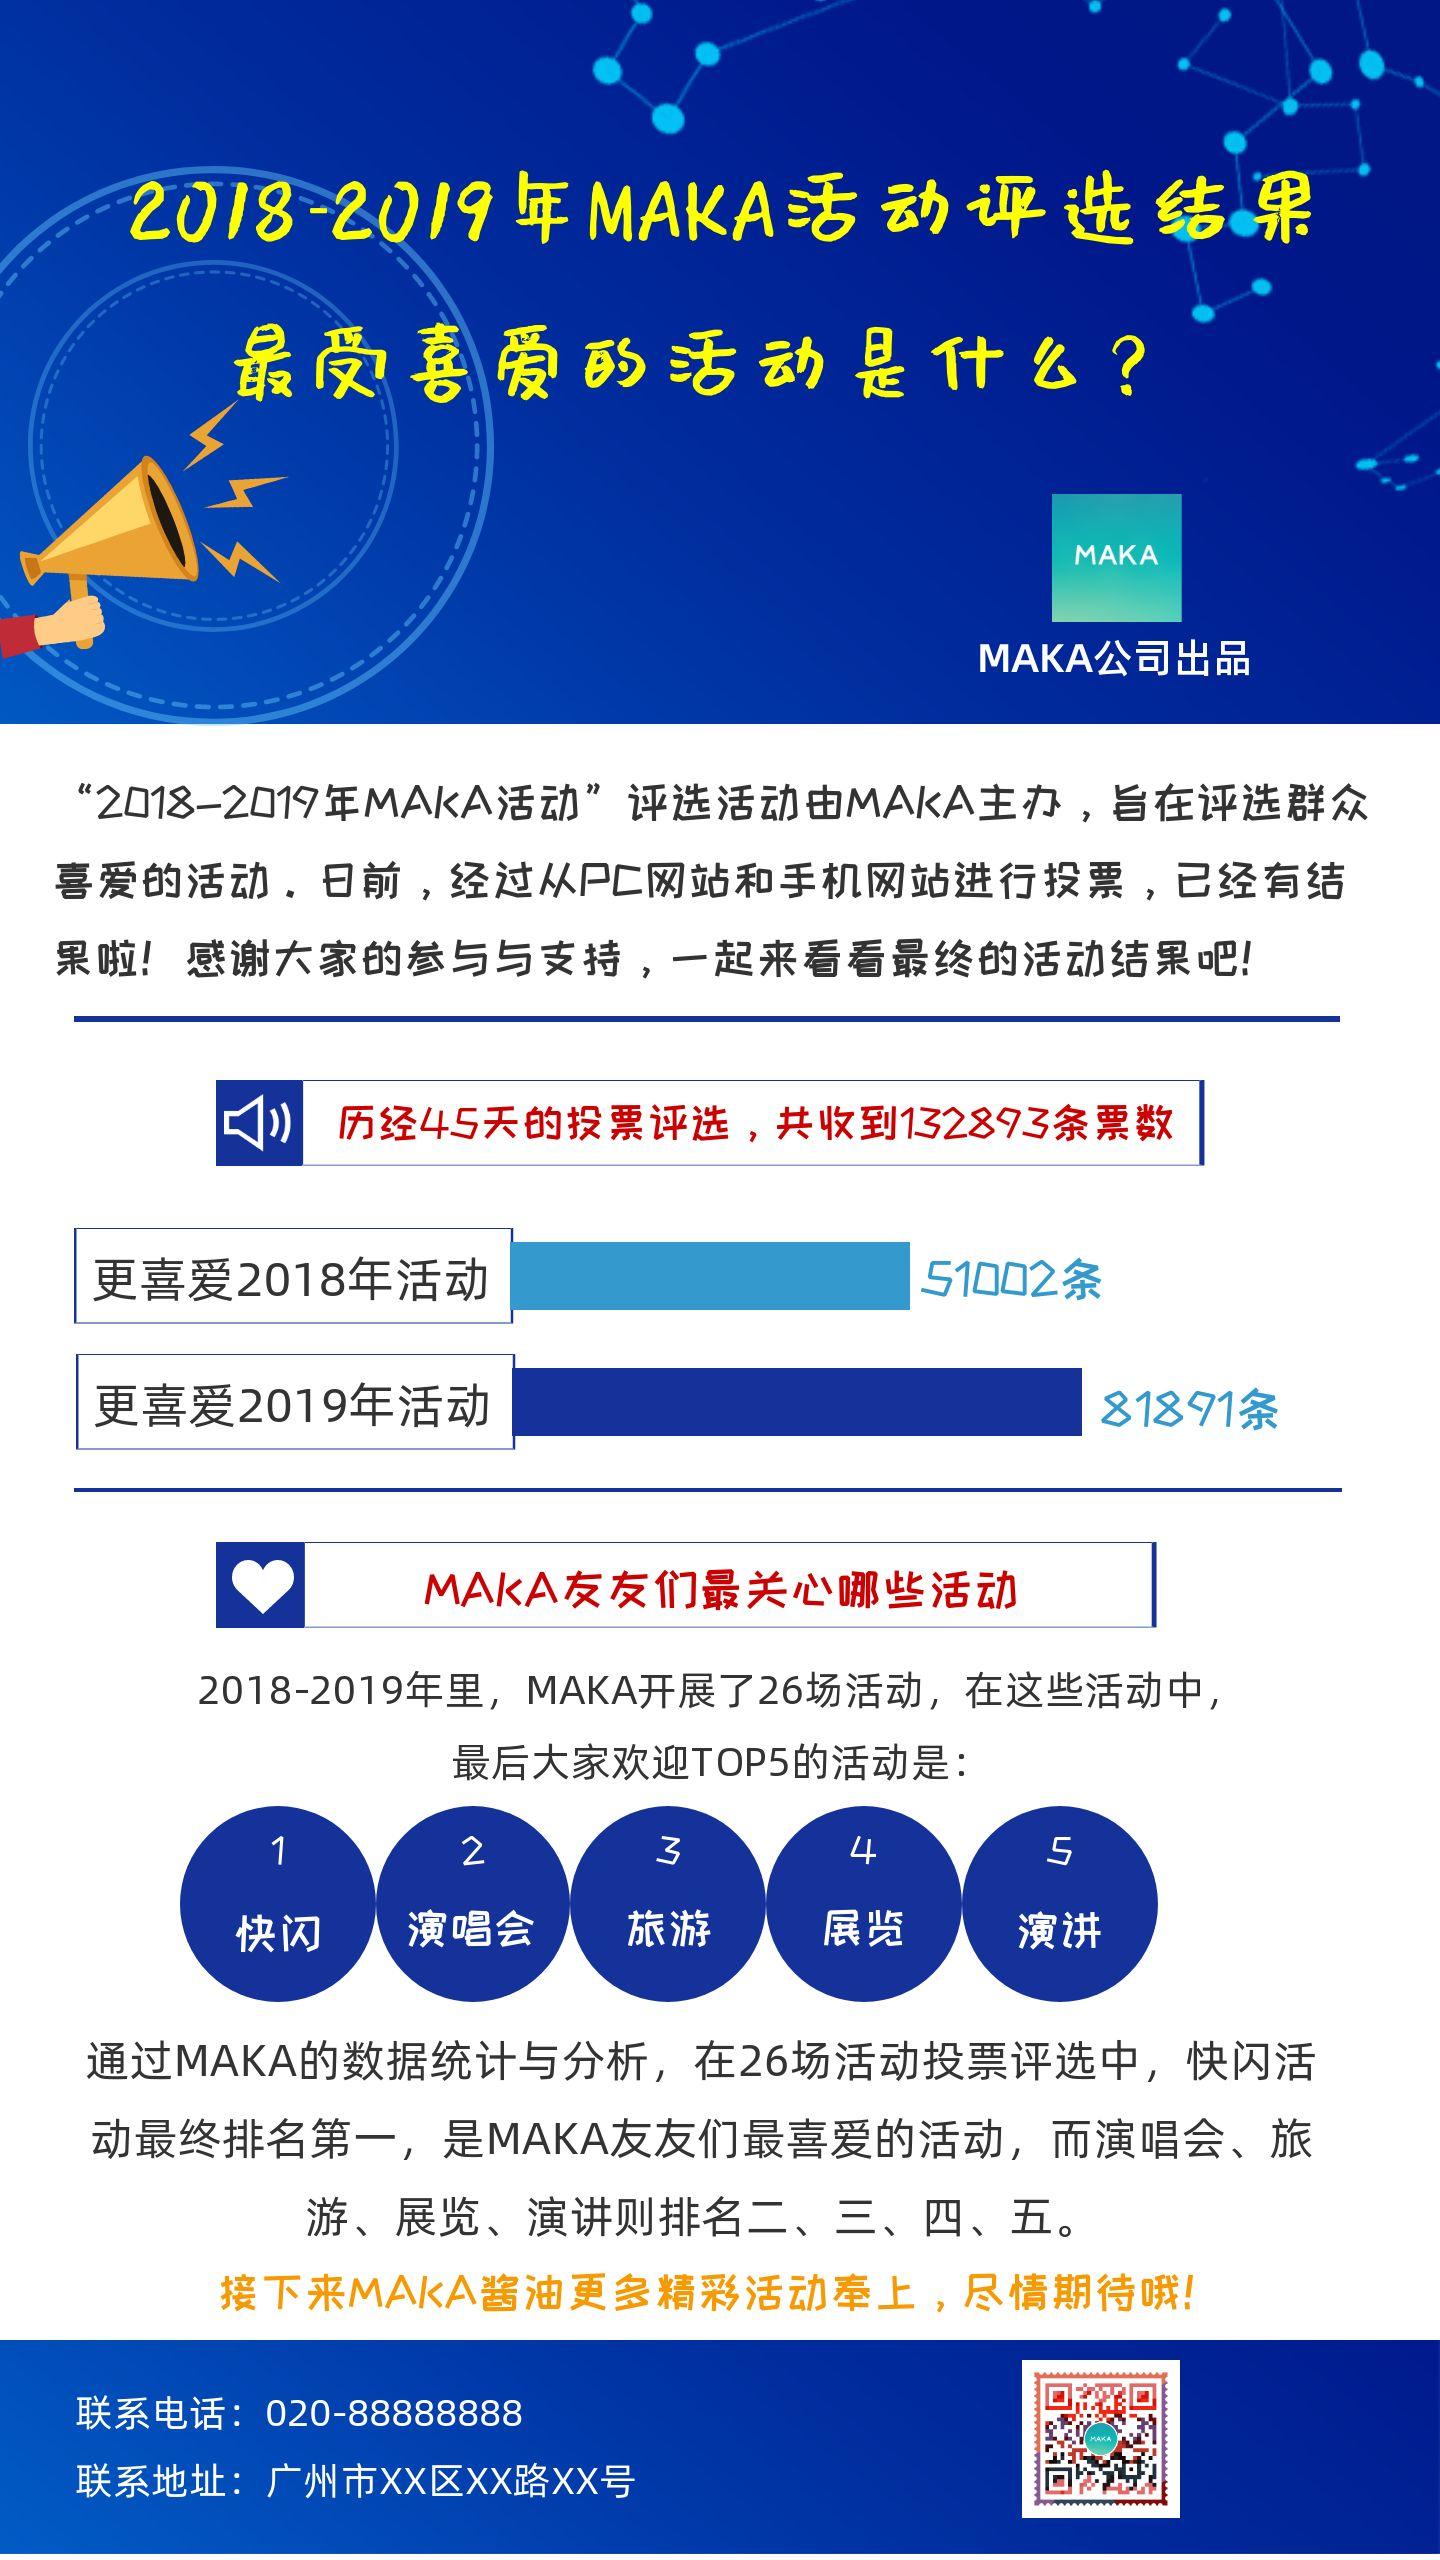 互联网活动品牌推广宣传大气扁平化蓝色通用海报